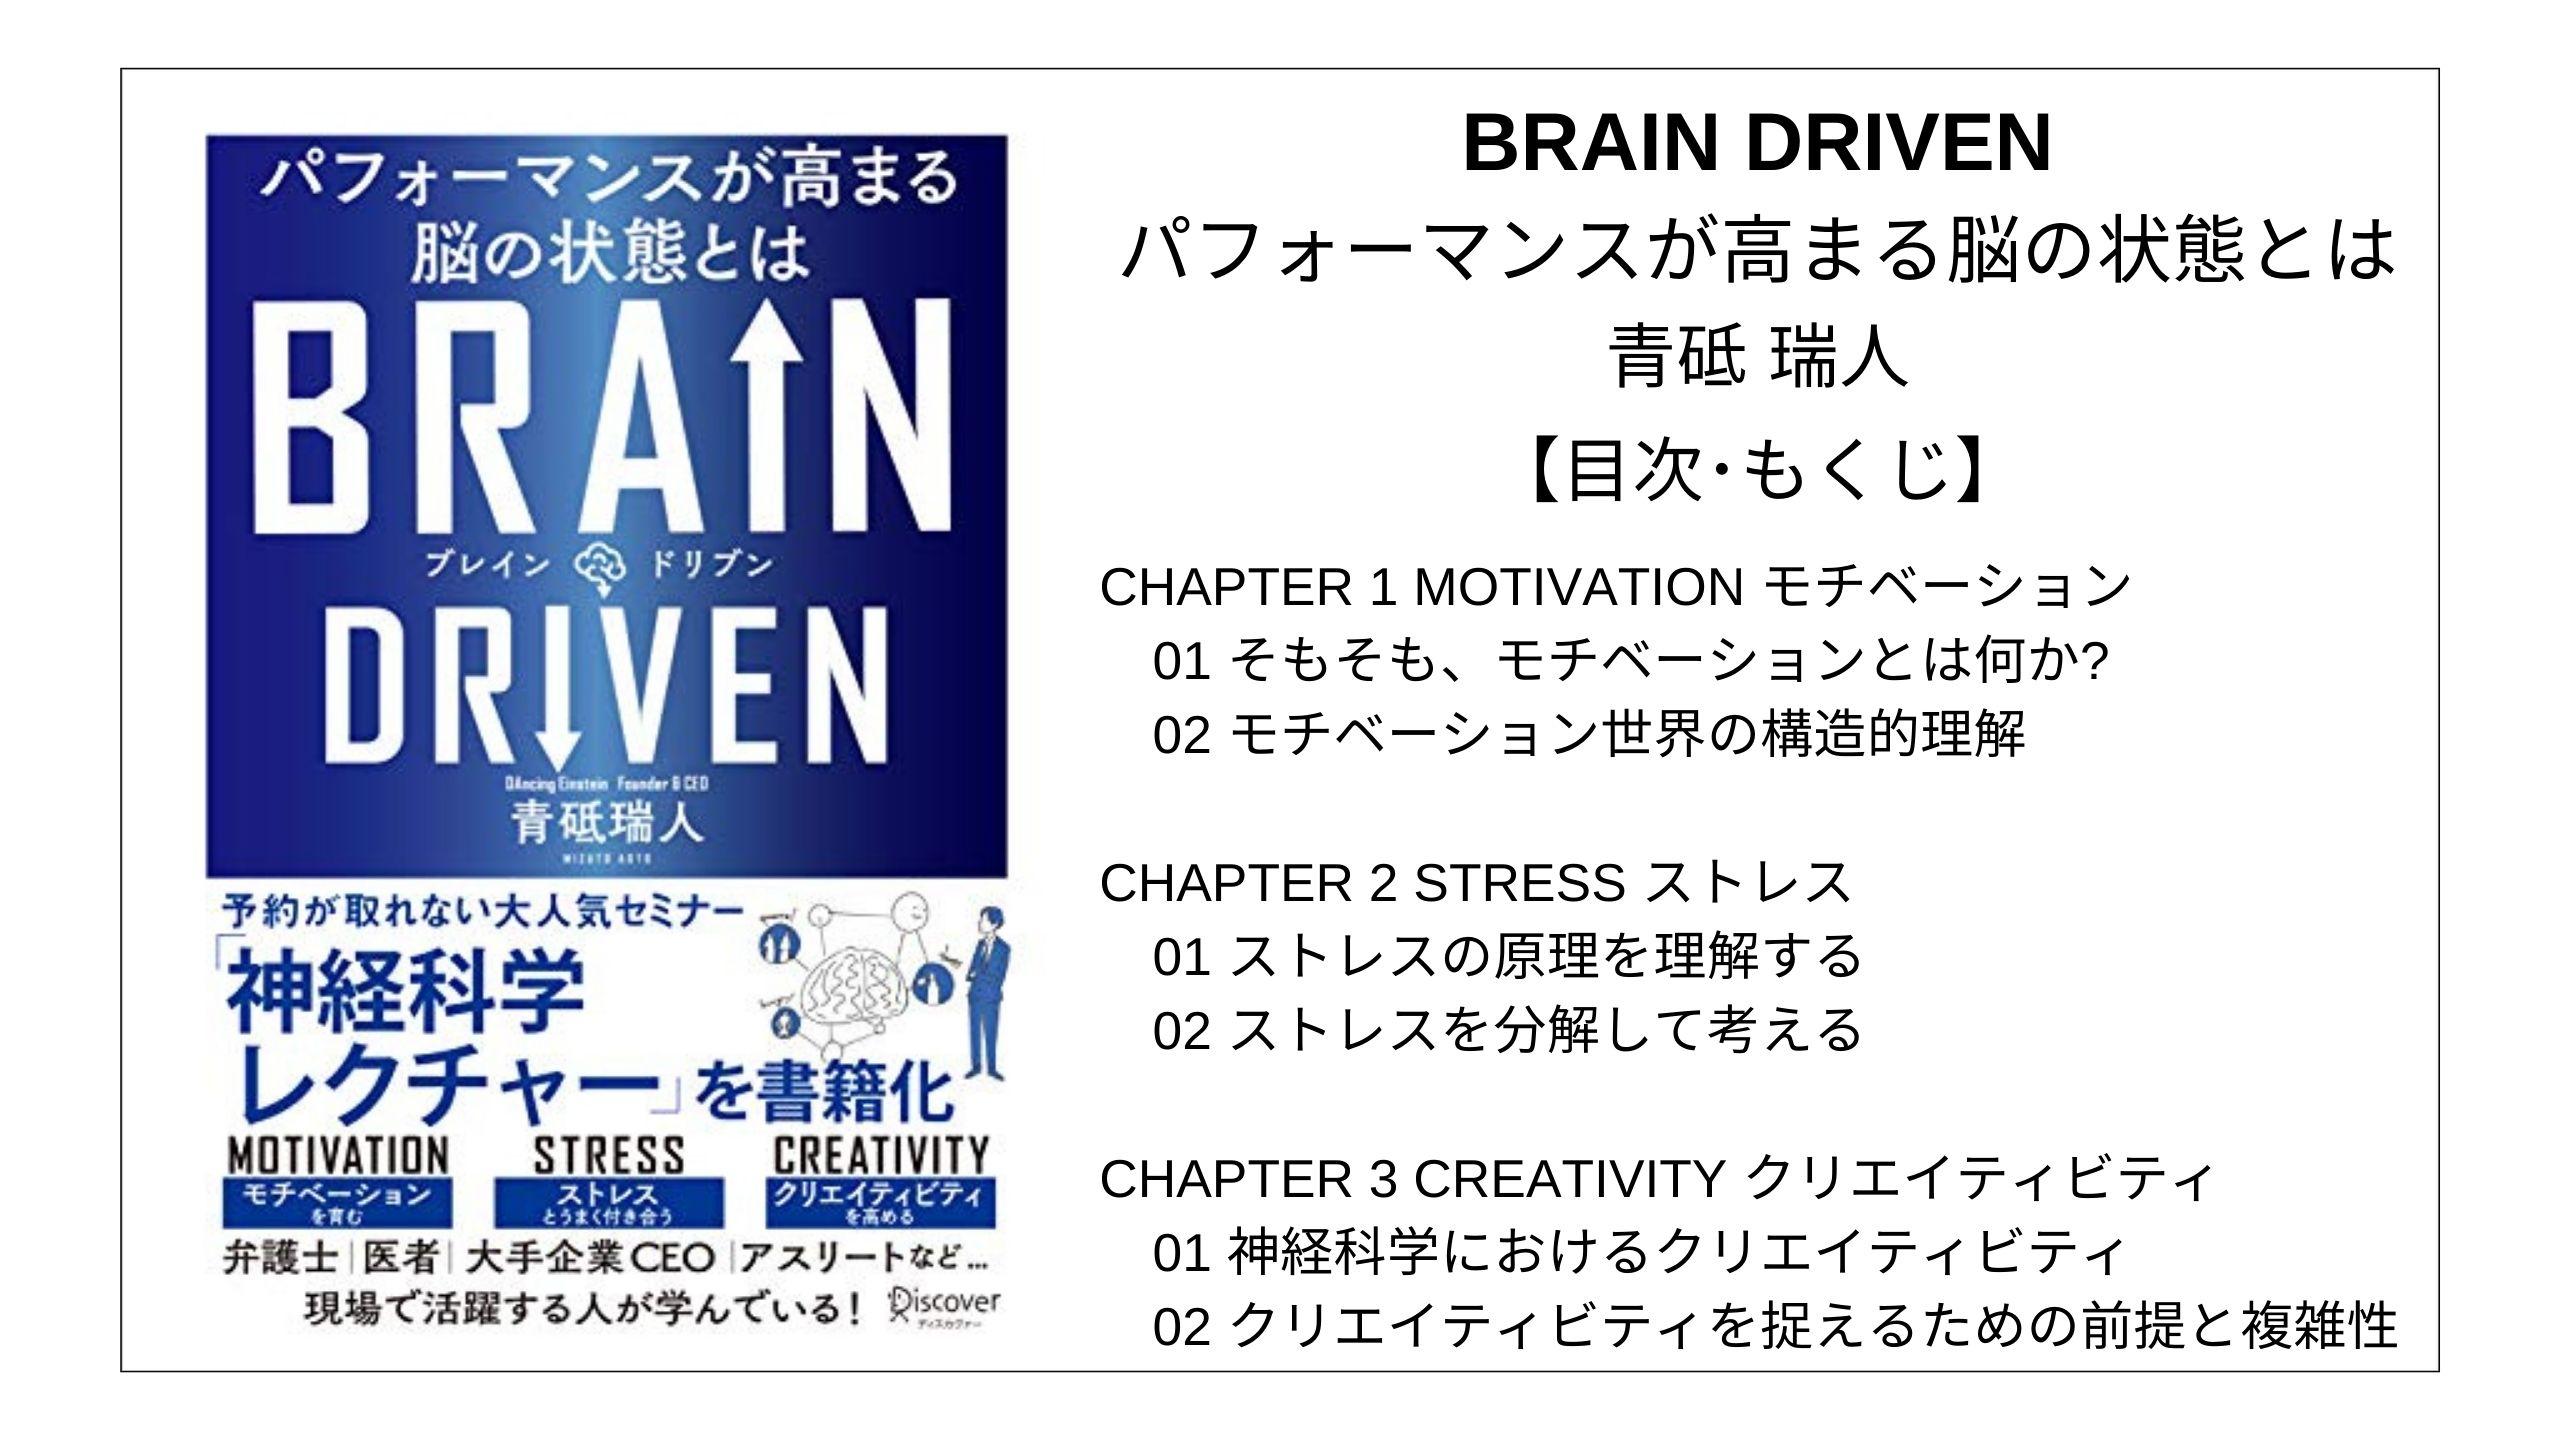 【全目次】BRAIN DRIVEN パフォーマンスが高まる脳の状態とは / 青砥 瑞人【要点・もくじ】モクホン 1分で成長するための本の目次を読むサイト